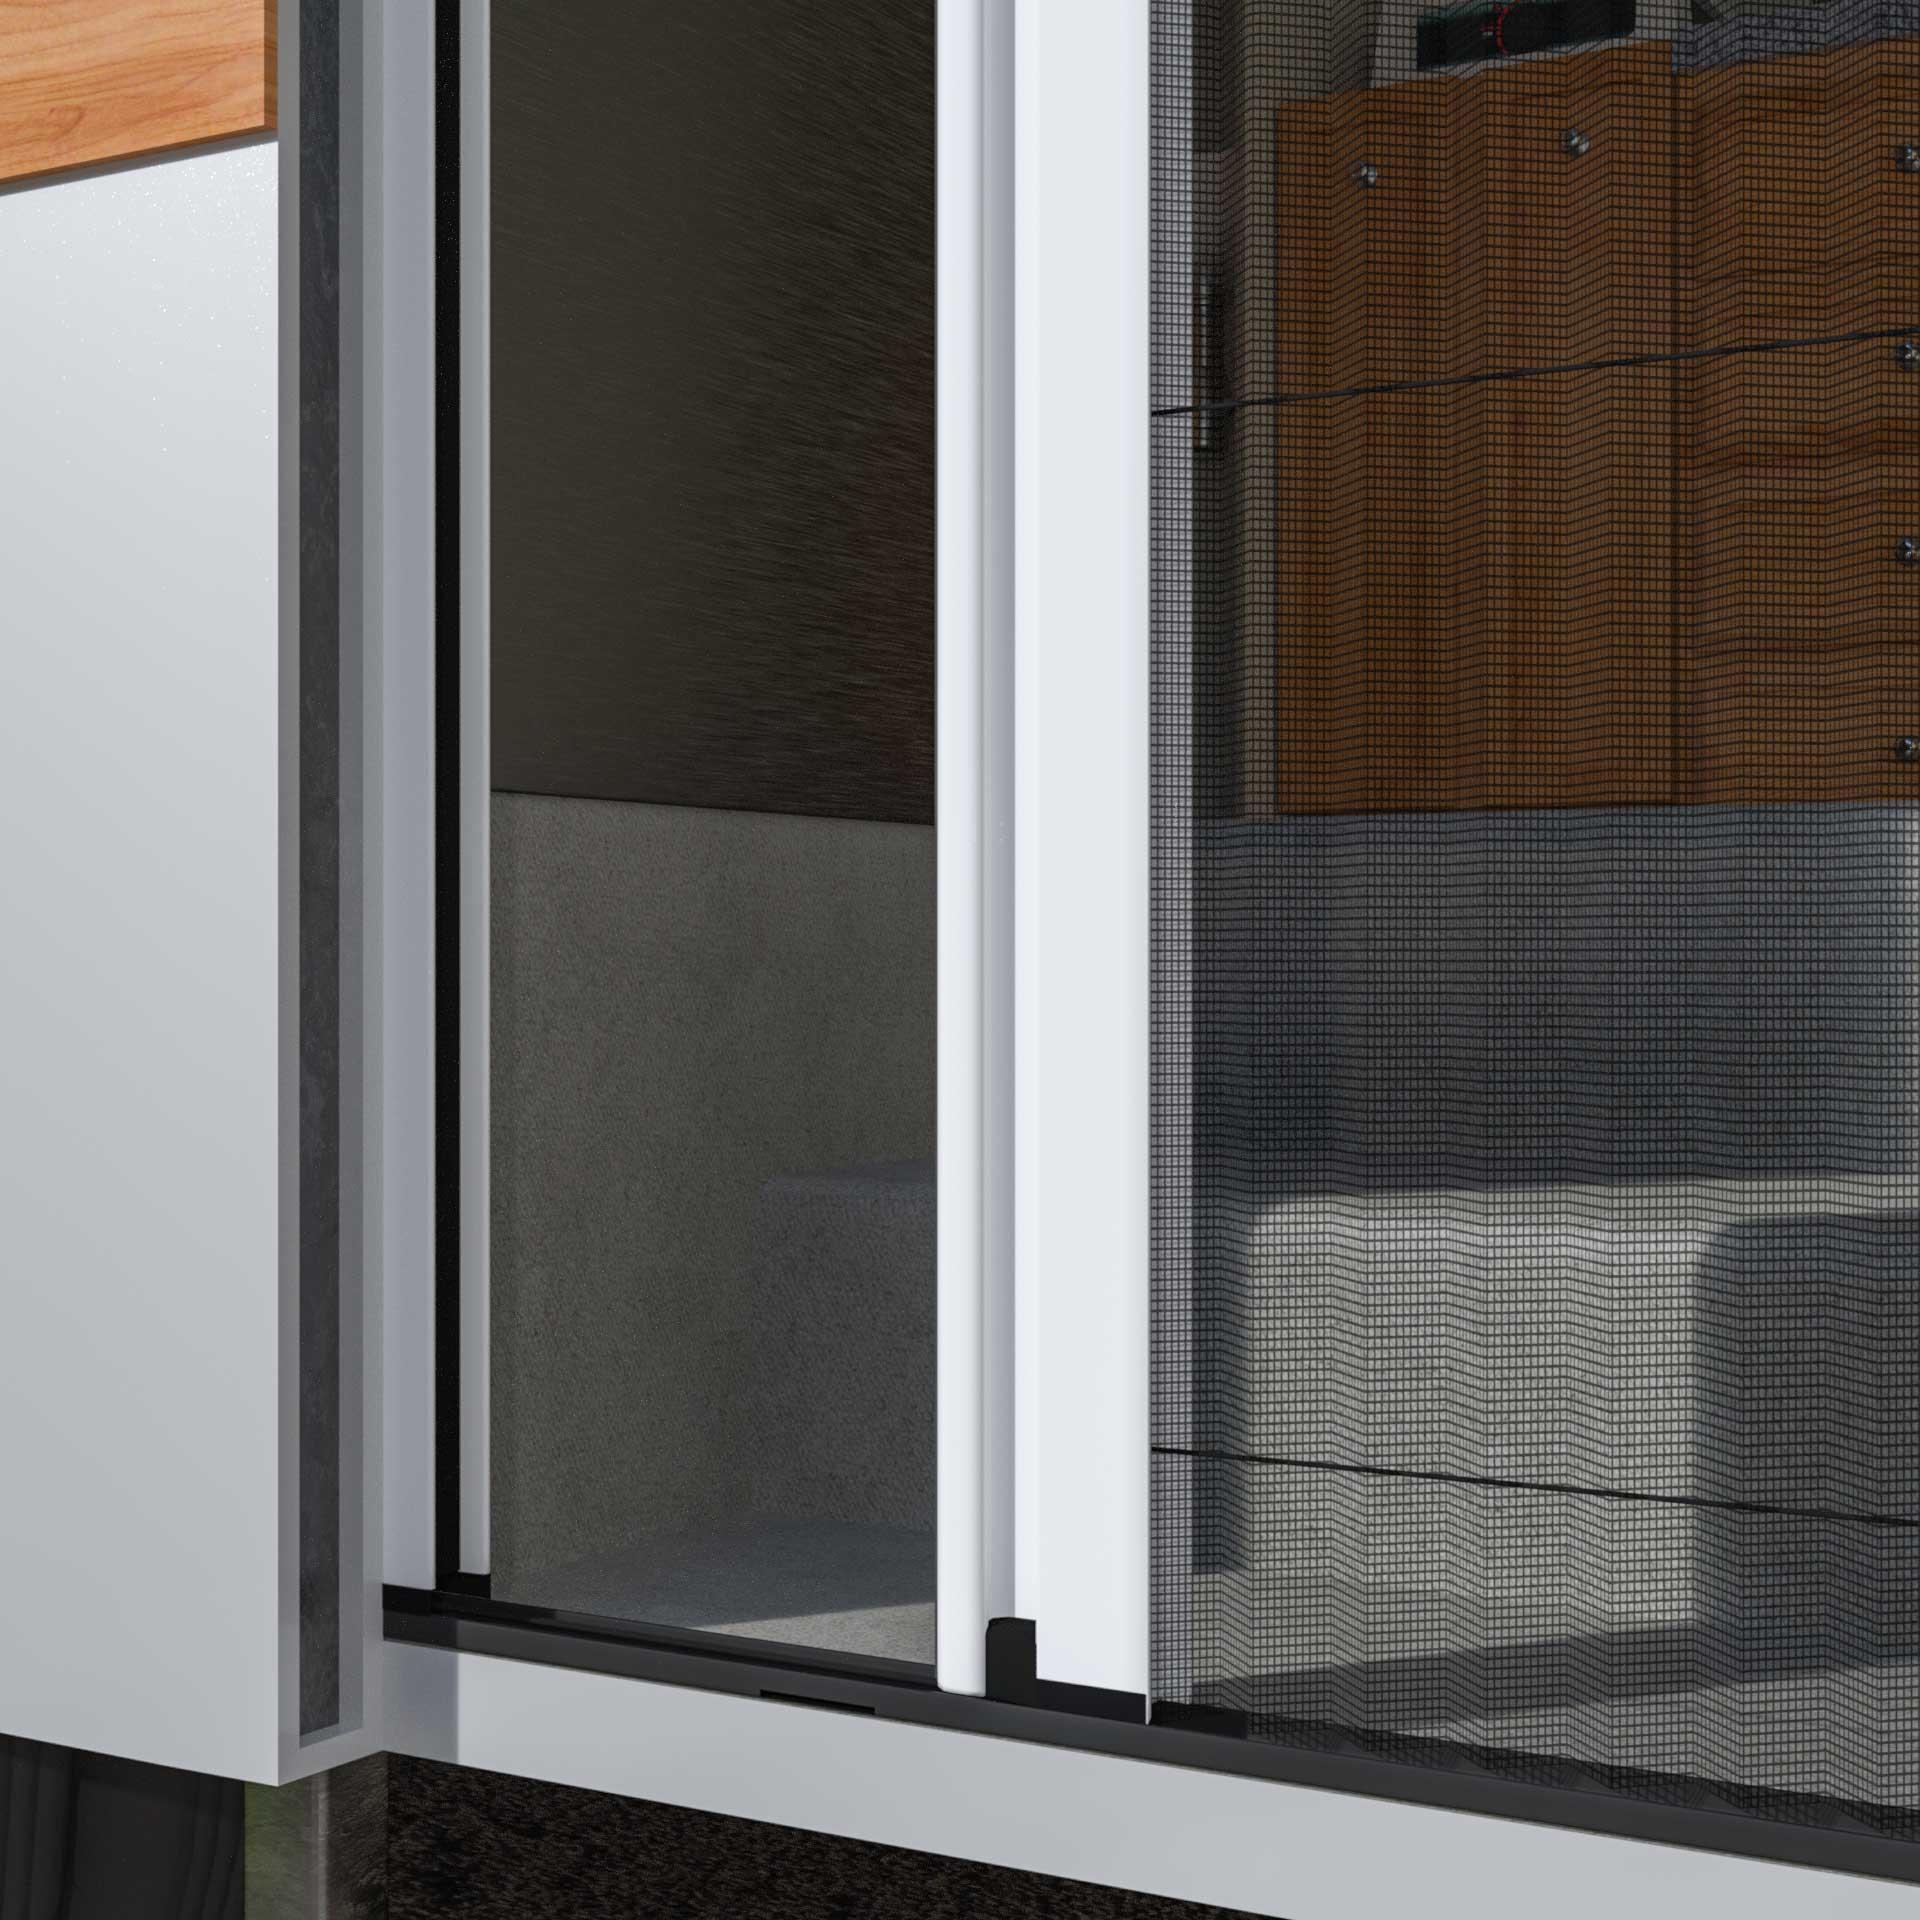 Insektenschutz-Plisseetür für Wohnmobile | ab 22mm Platz | Slimline22